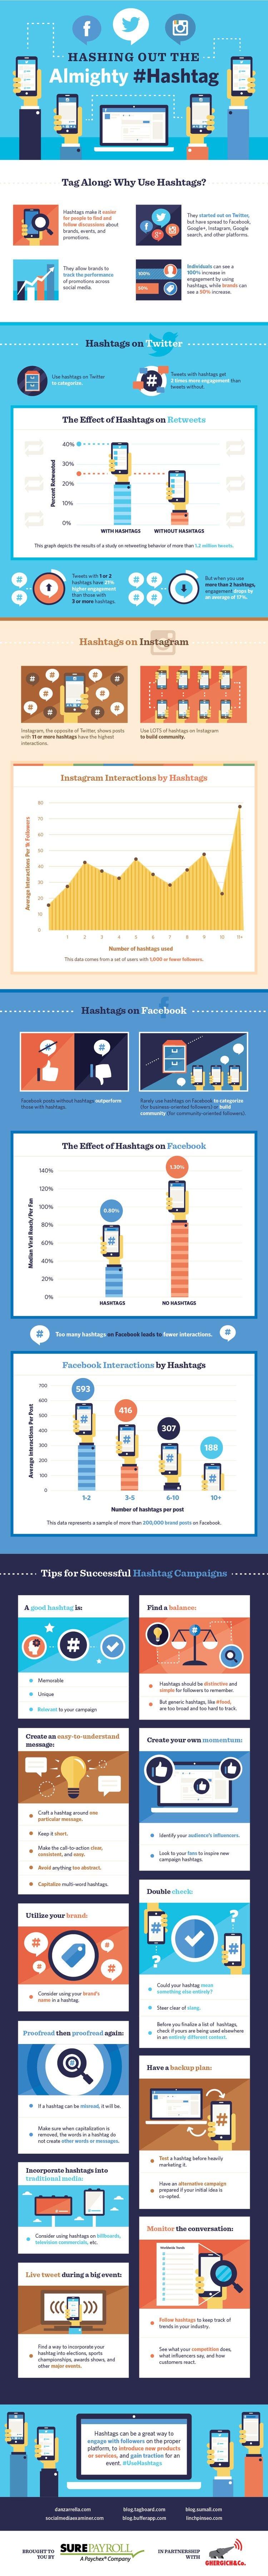 hashtagi-jak używać